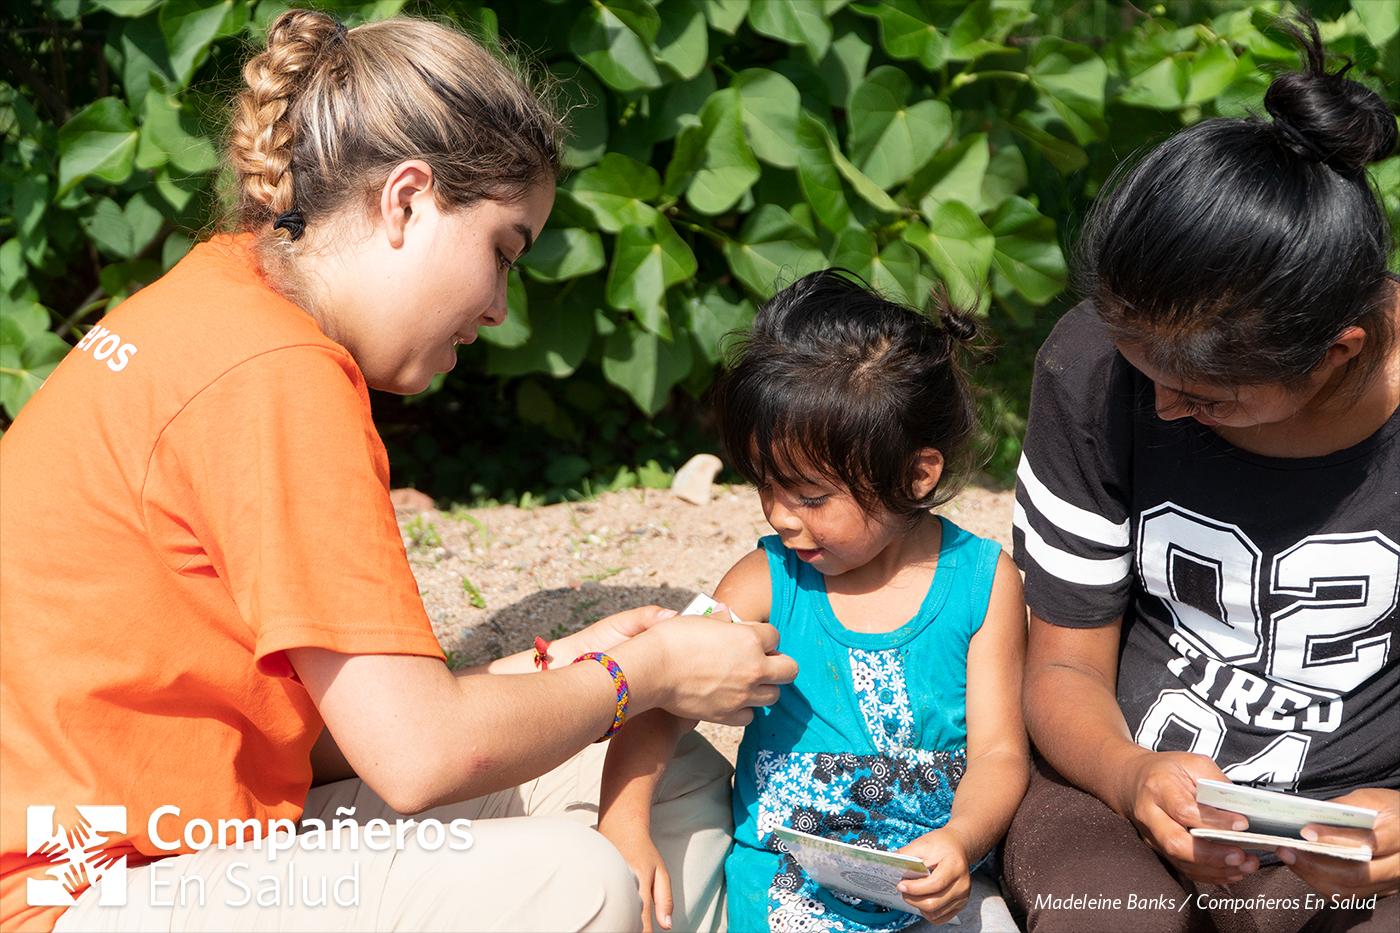 También, nos aseguramos de que sus esquemas de vacunación estén actualizados.  Foto: Doña Araceli proporciona los esquemas de vacunación de sus hijos mientras Gala Limón Saldivar mide el tamaño del brazo de Kenia.